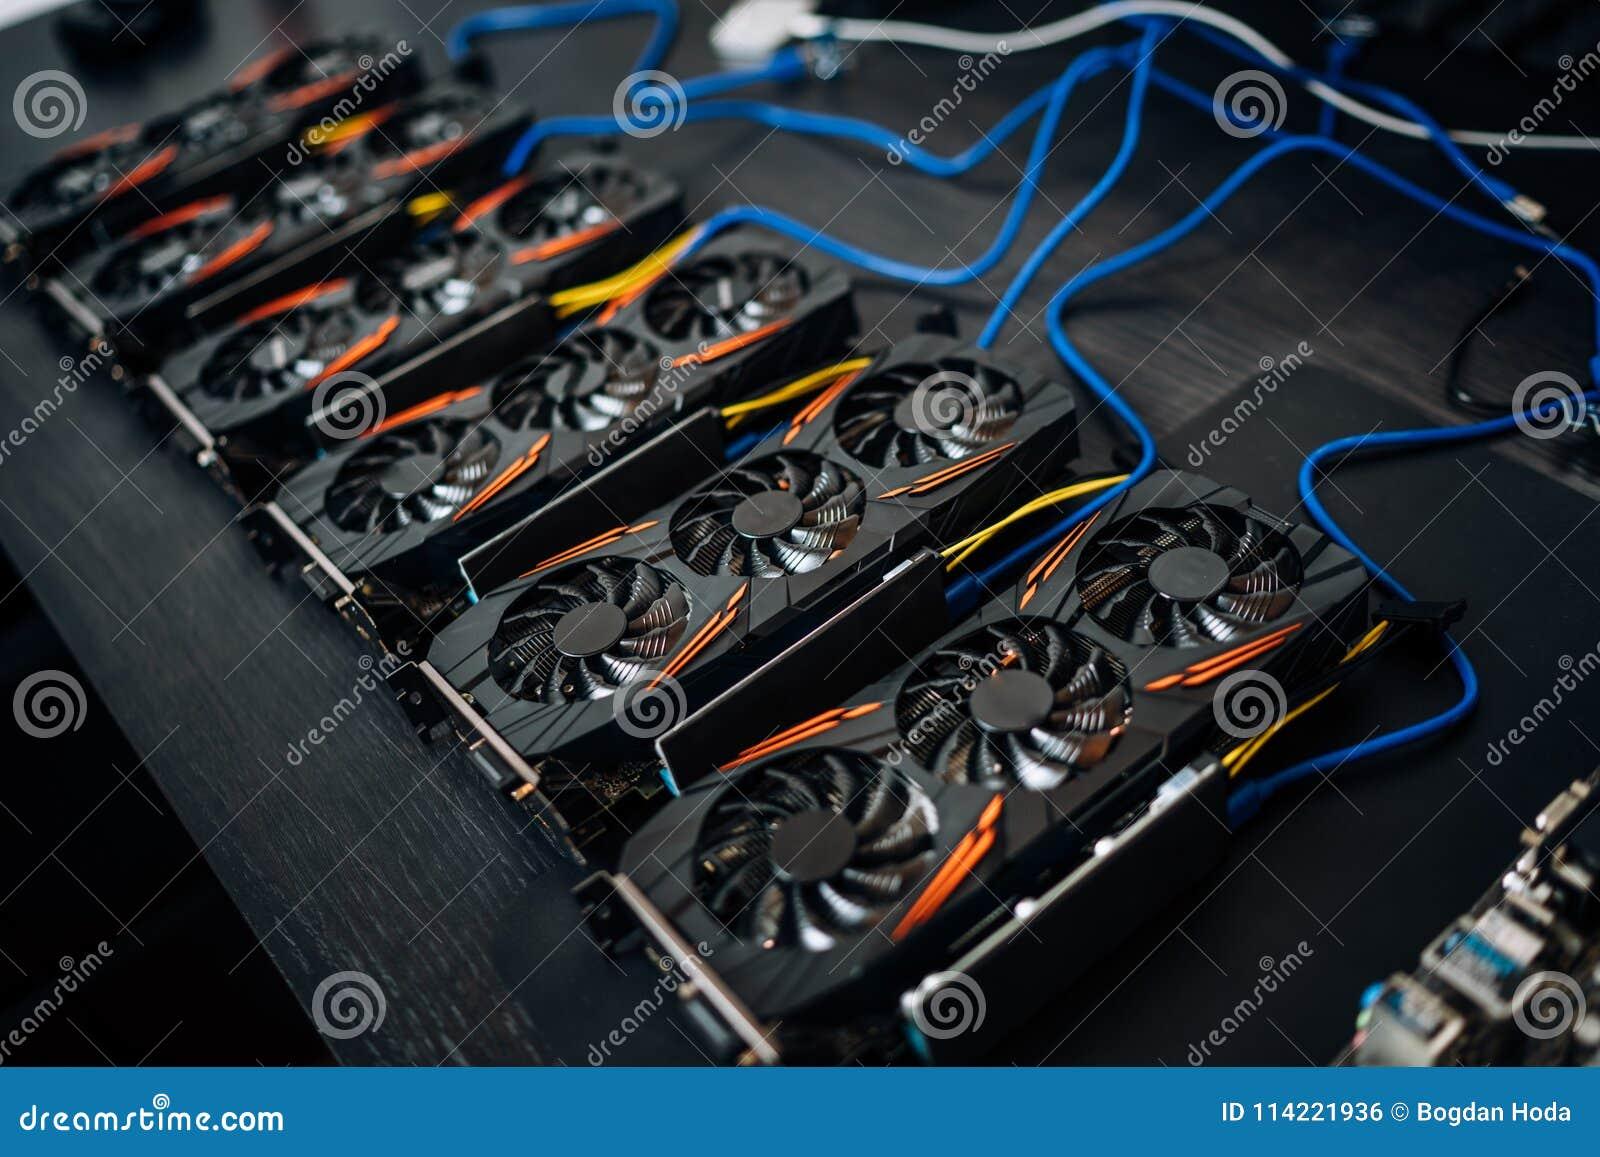 calcolatore gpu mining crypto)